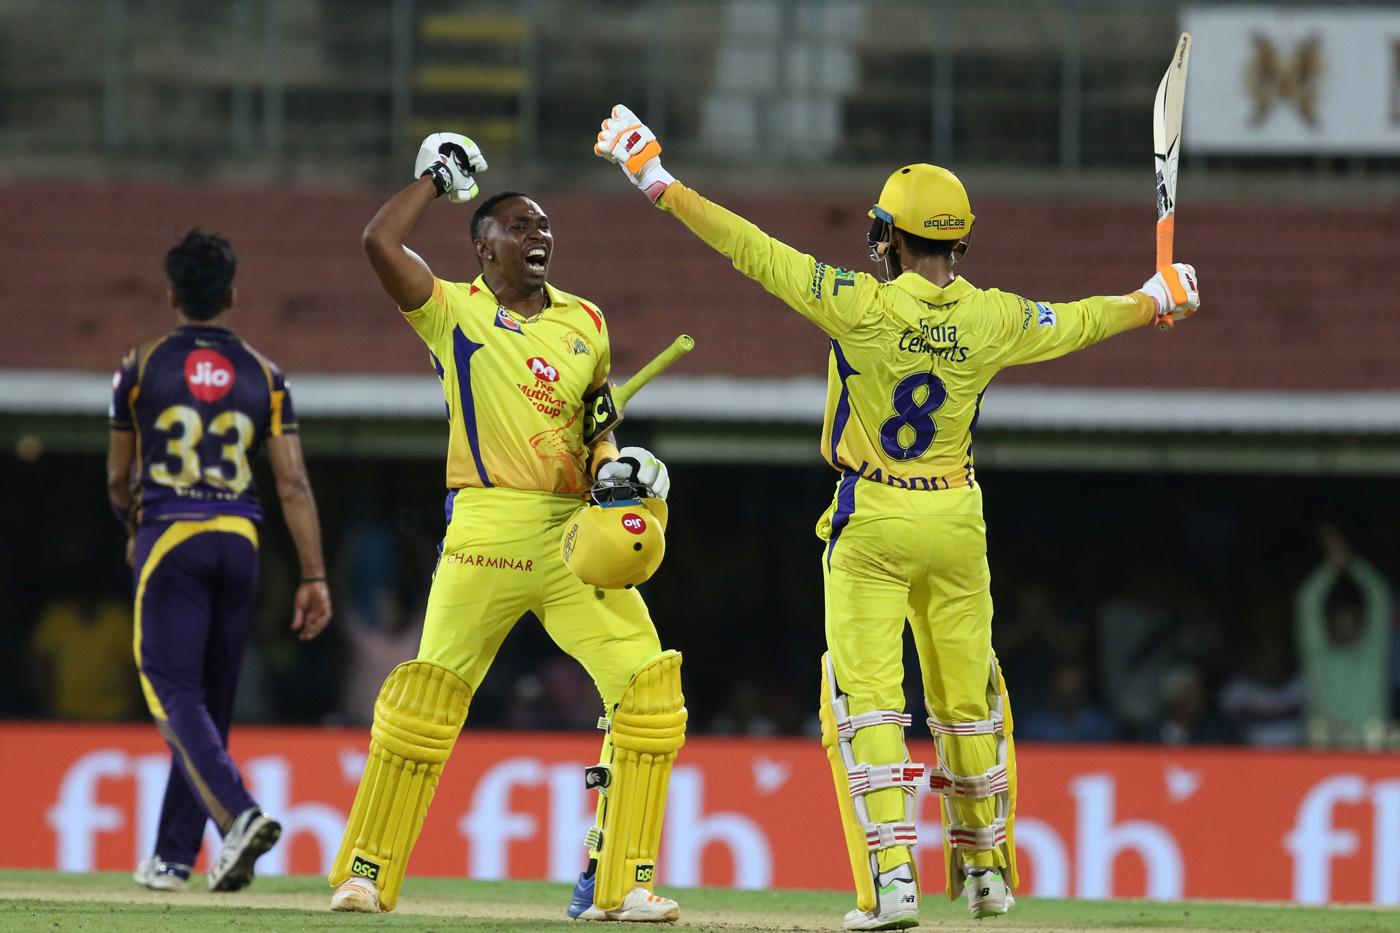 Celebration time for Dwayne Bravo and Ravindra Jadeja | Photo | Global | ESPNcricinfo.com